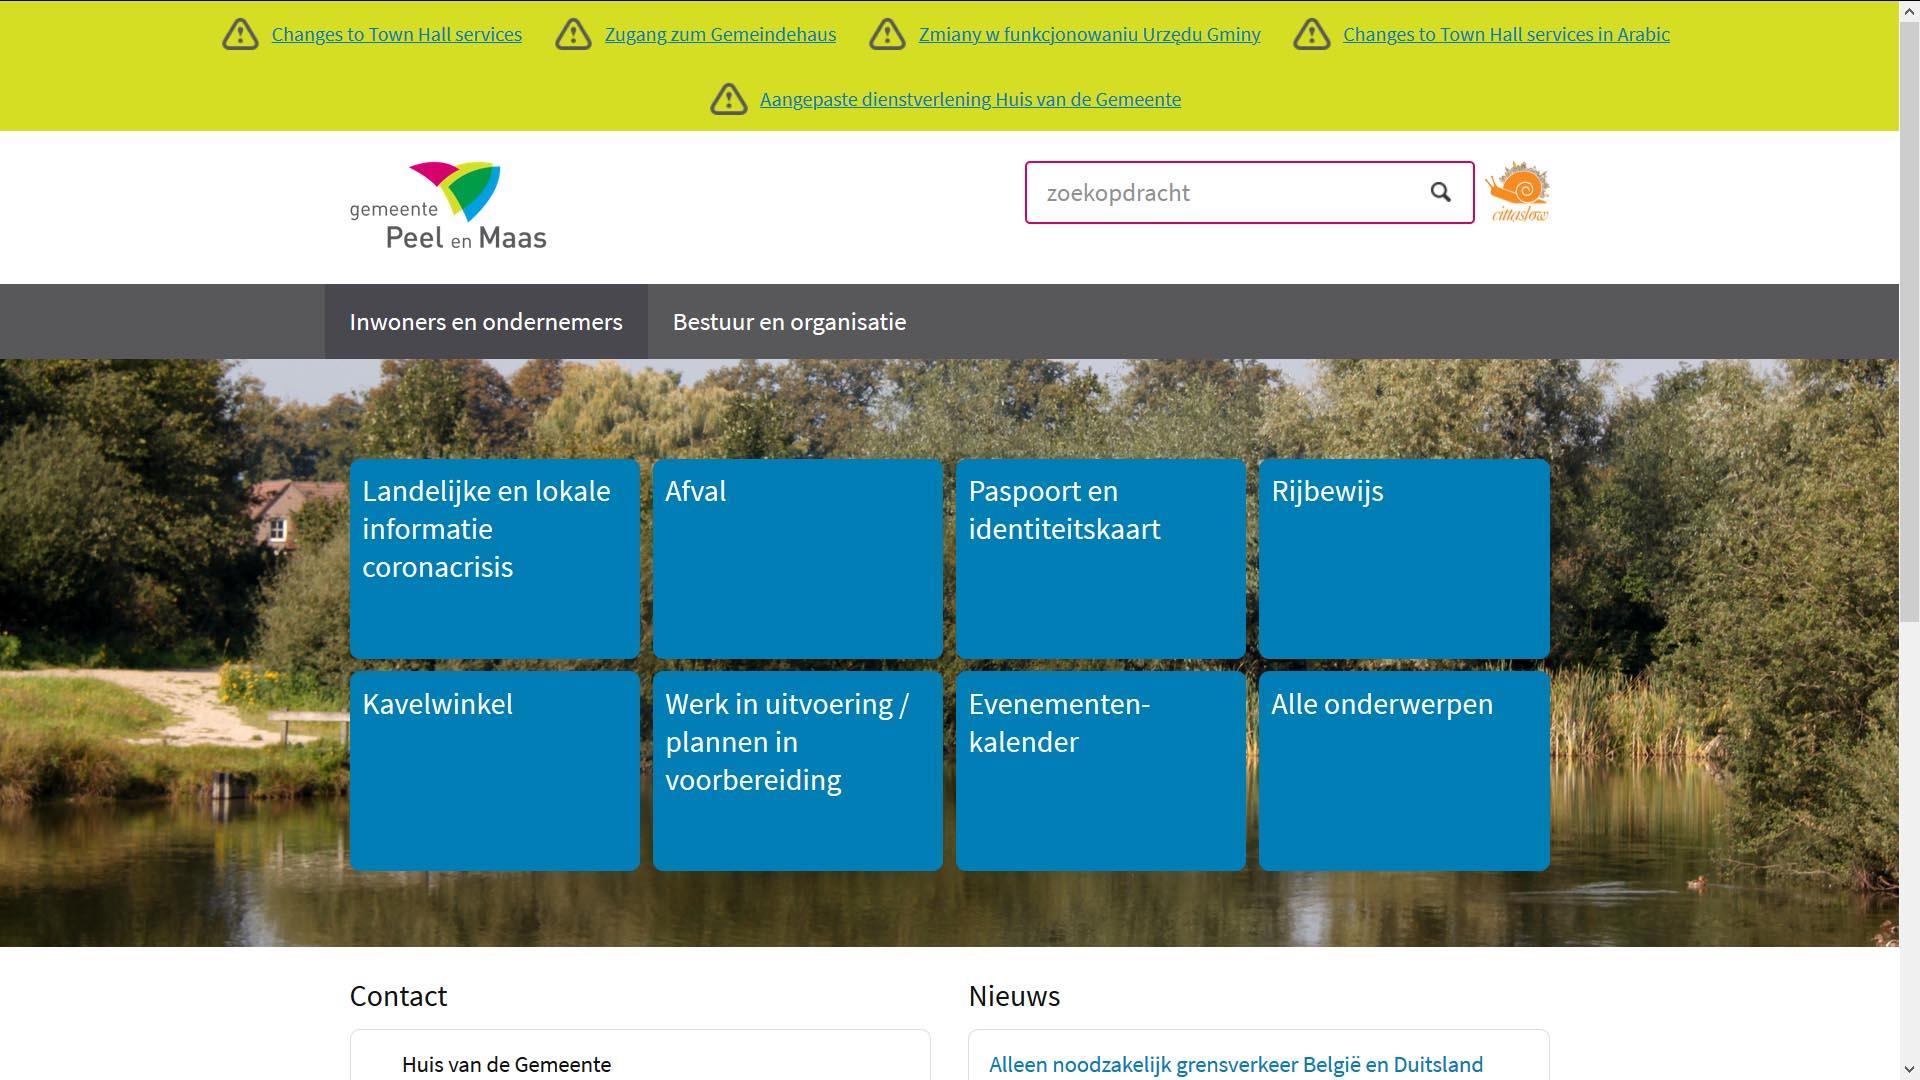 Toptaken in crisistijd, gemeente Peel en Maas   Toptaken website